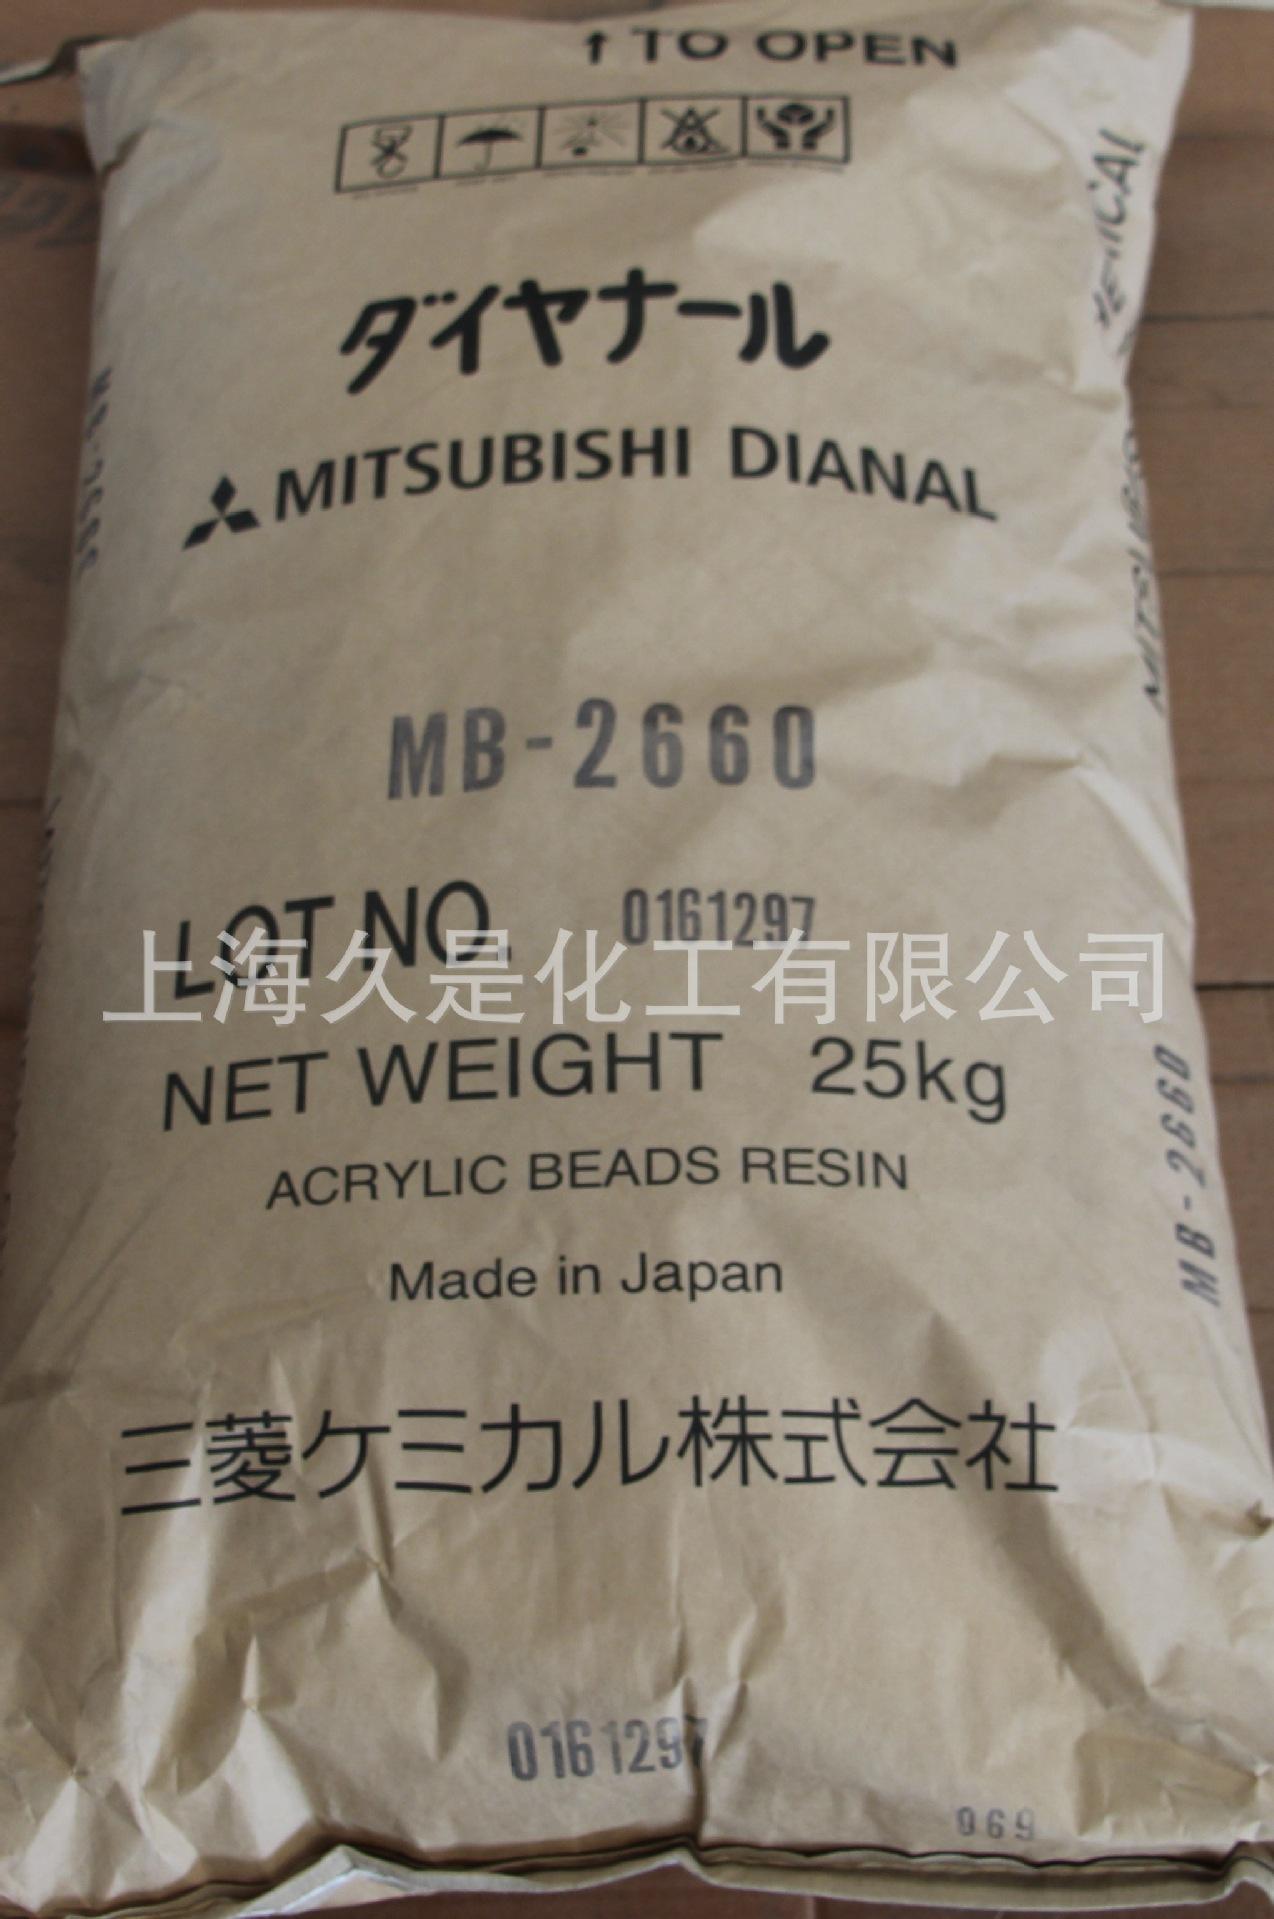 MB-2660包裝606